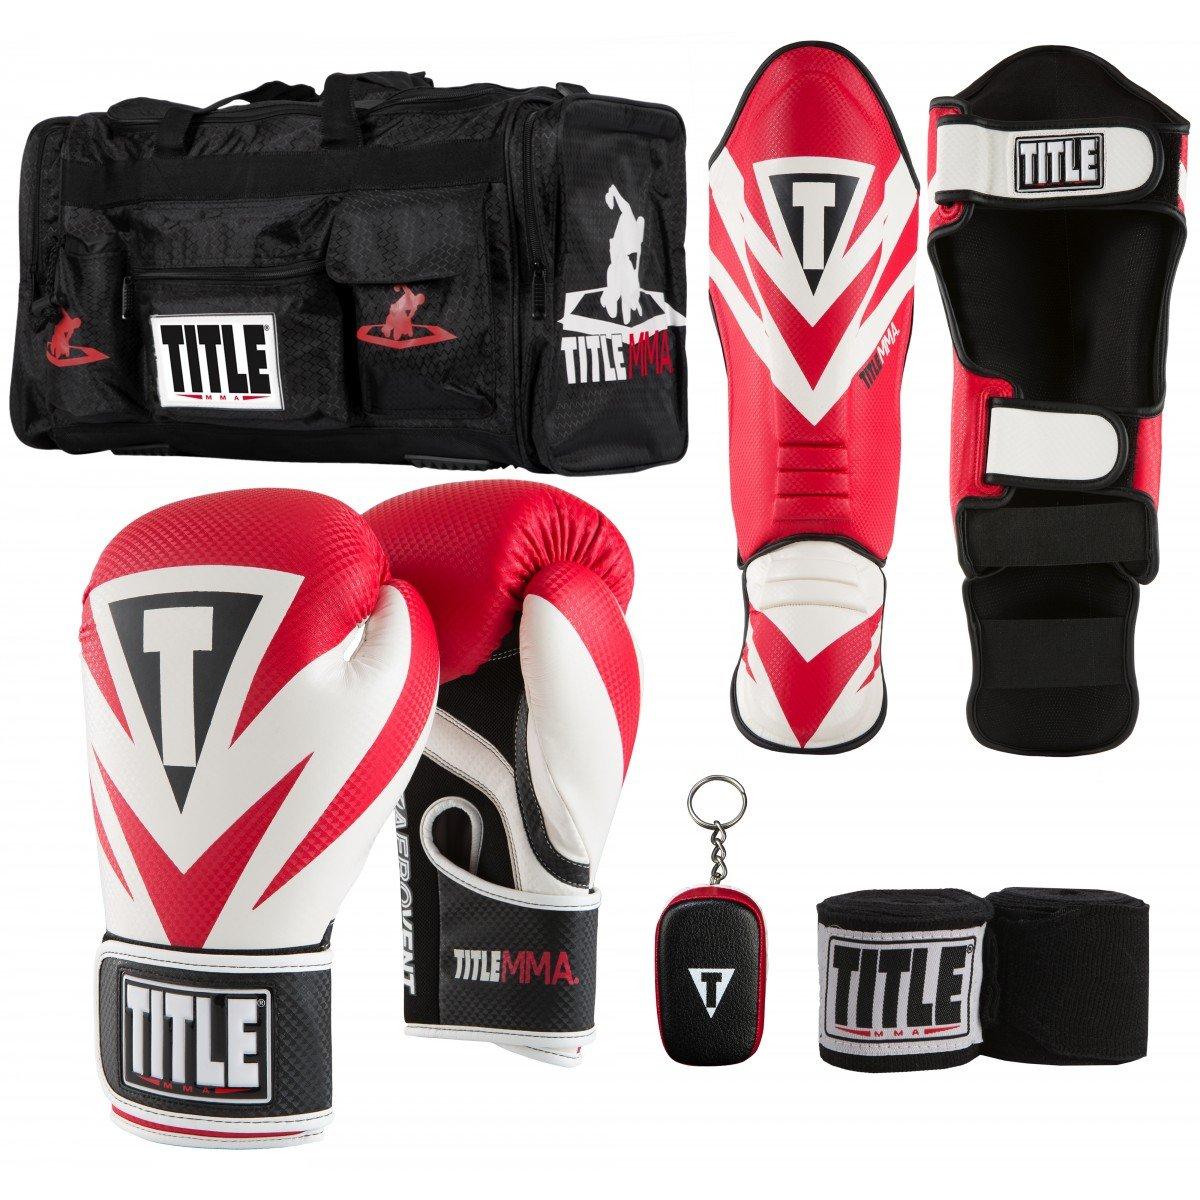 Title MMAトレーニングセットVI B0784HJQC3 レッド 12 oz